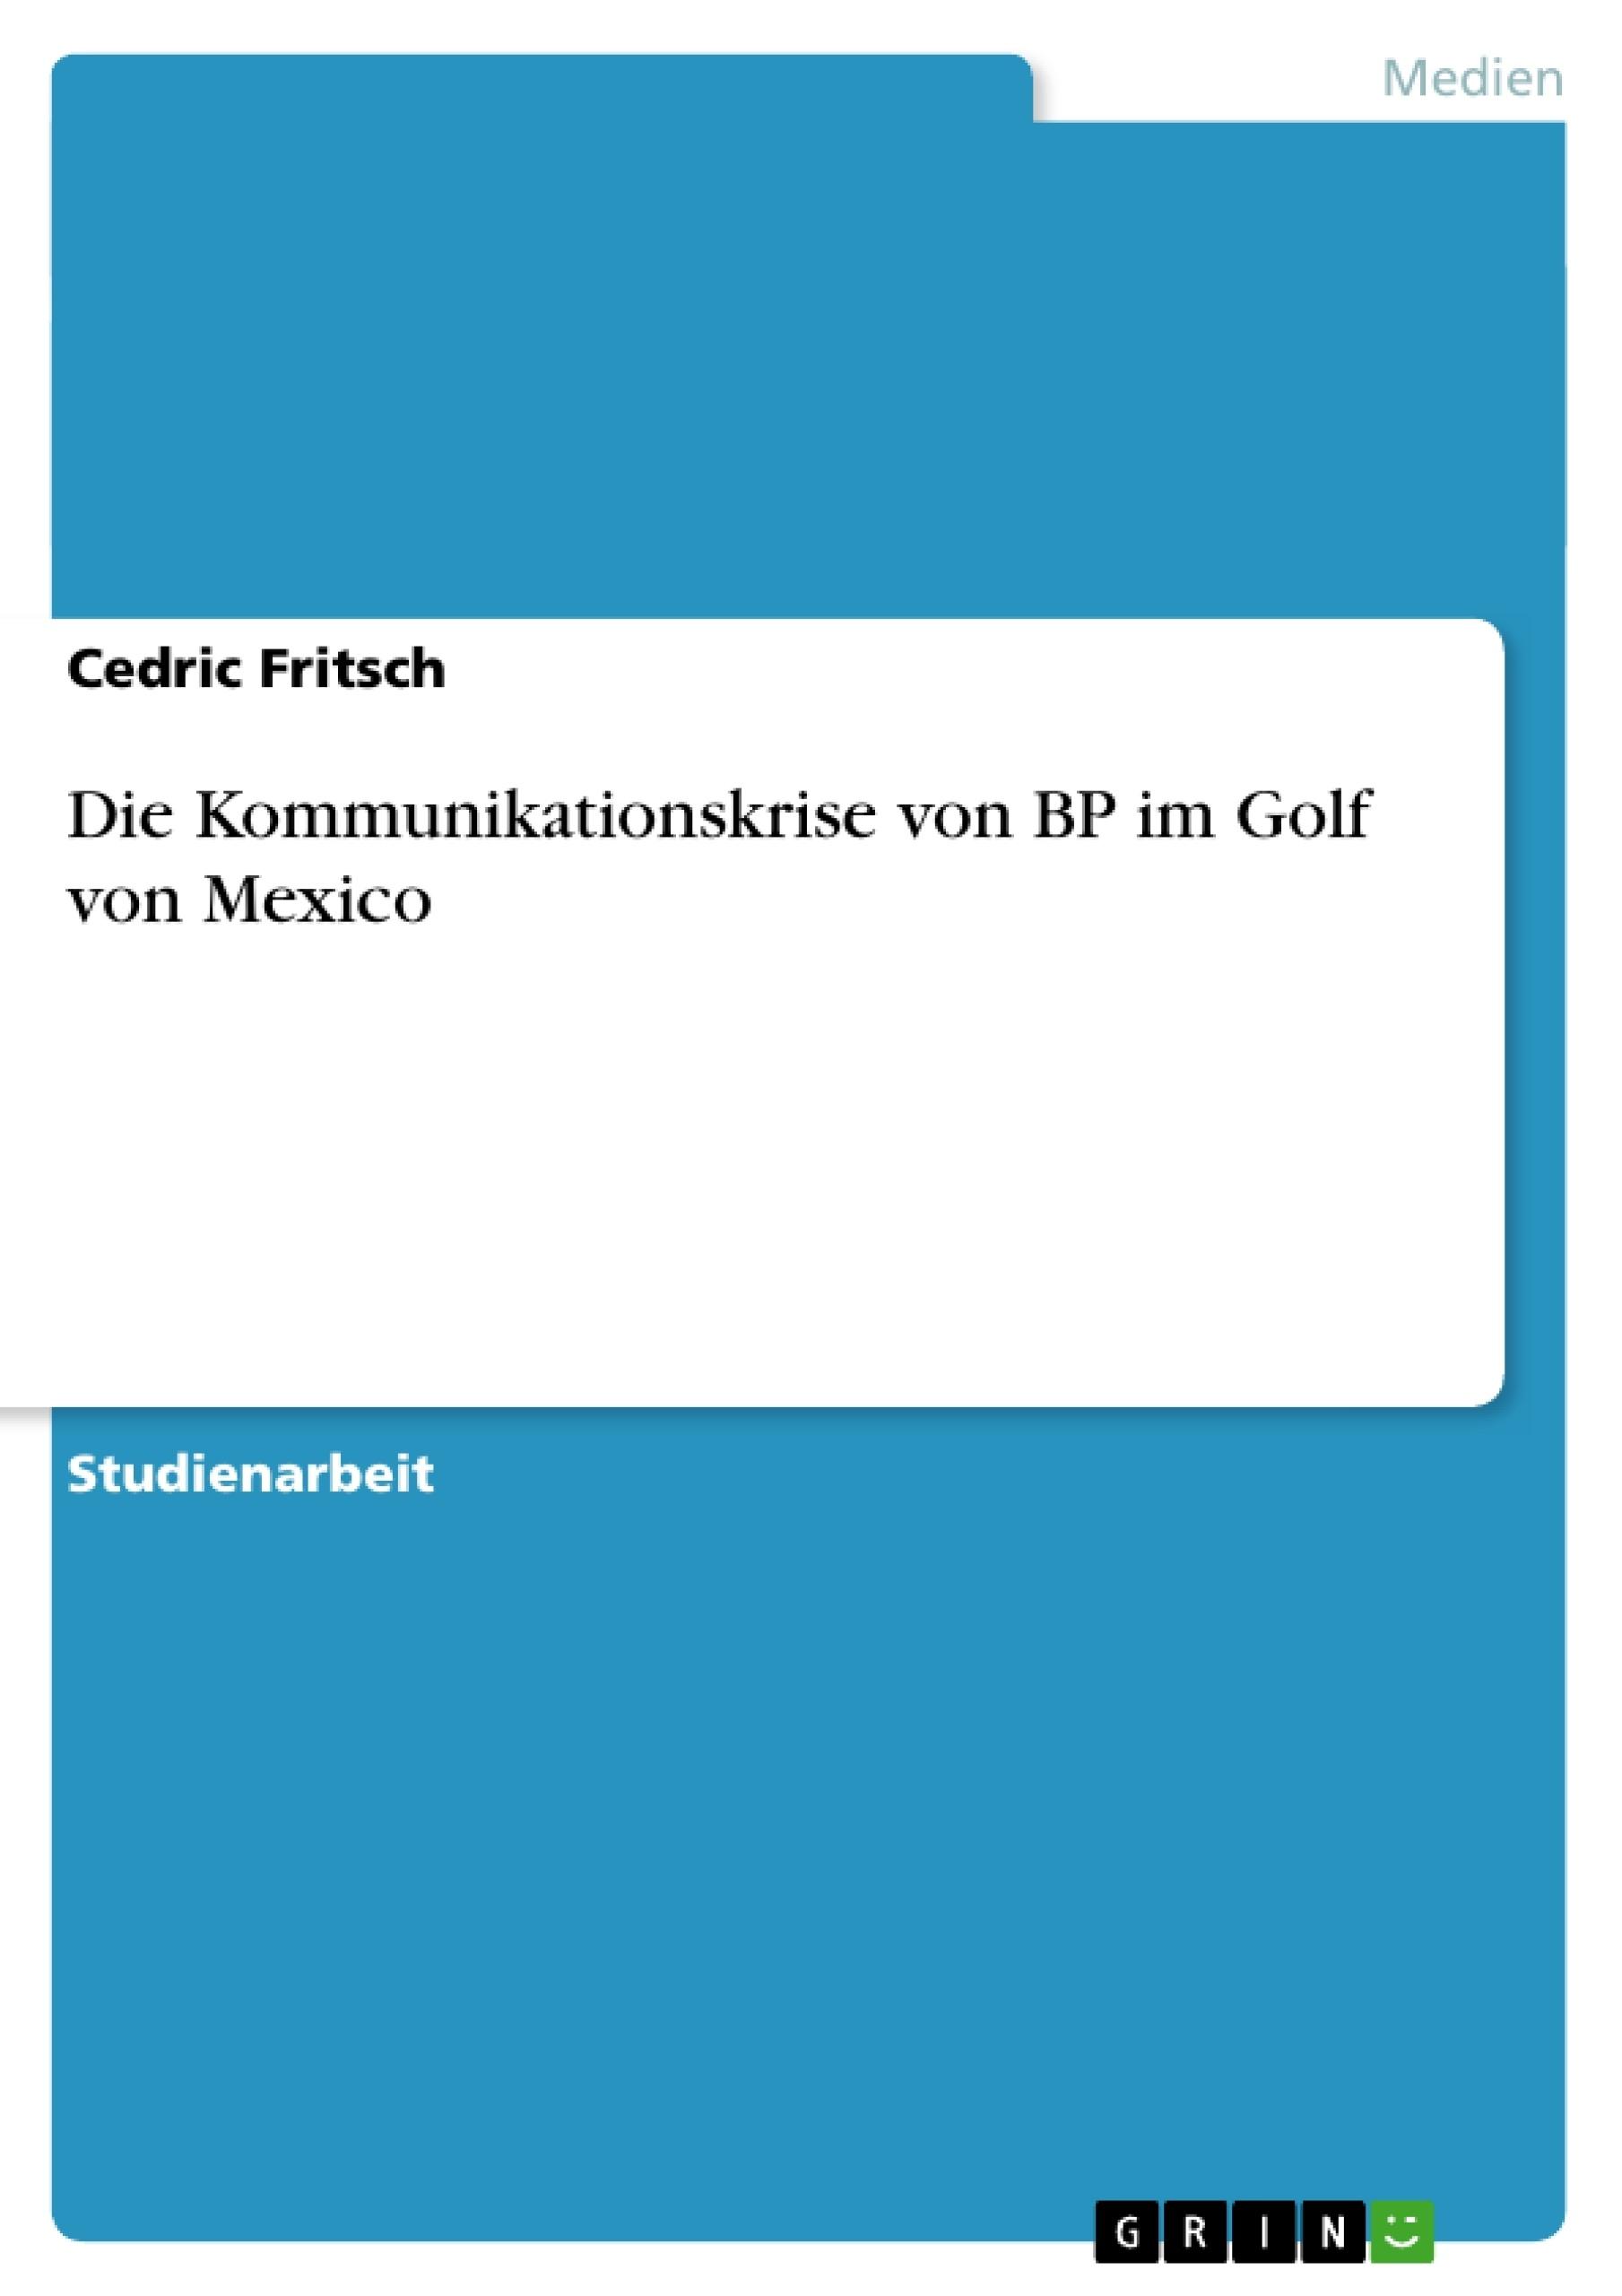 Titel: Die Kommunikationskrise von BP im Golf von Mexico